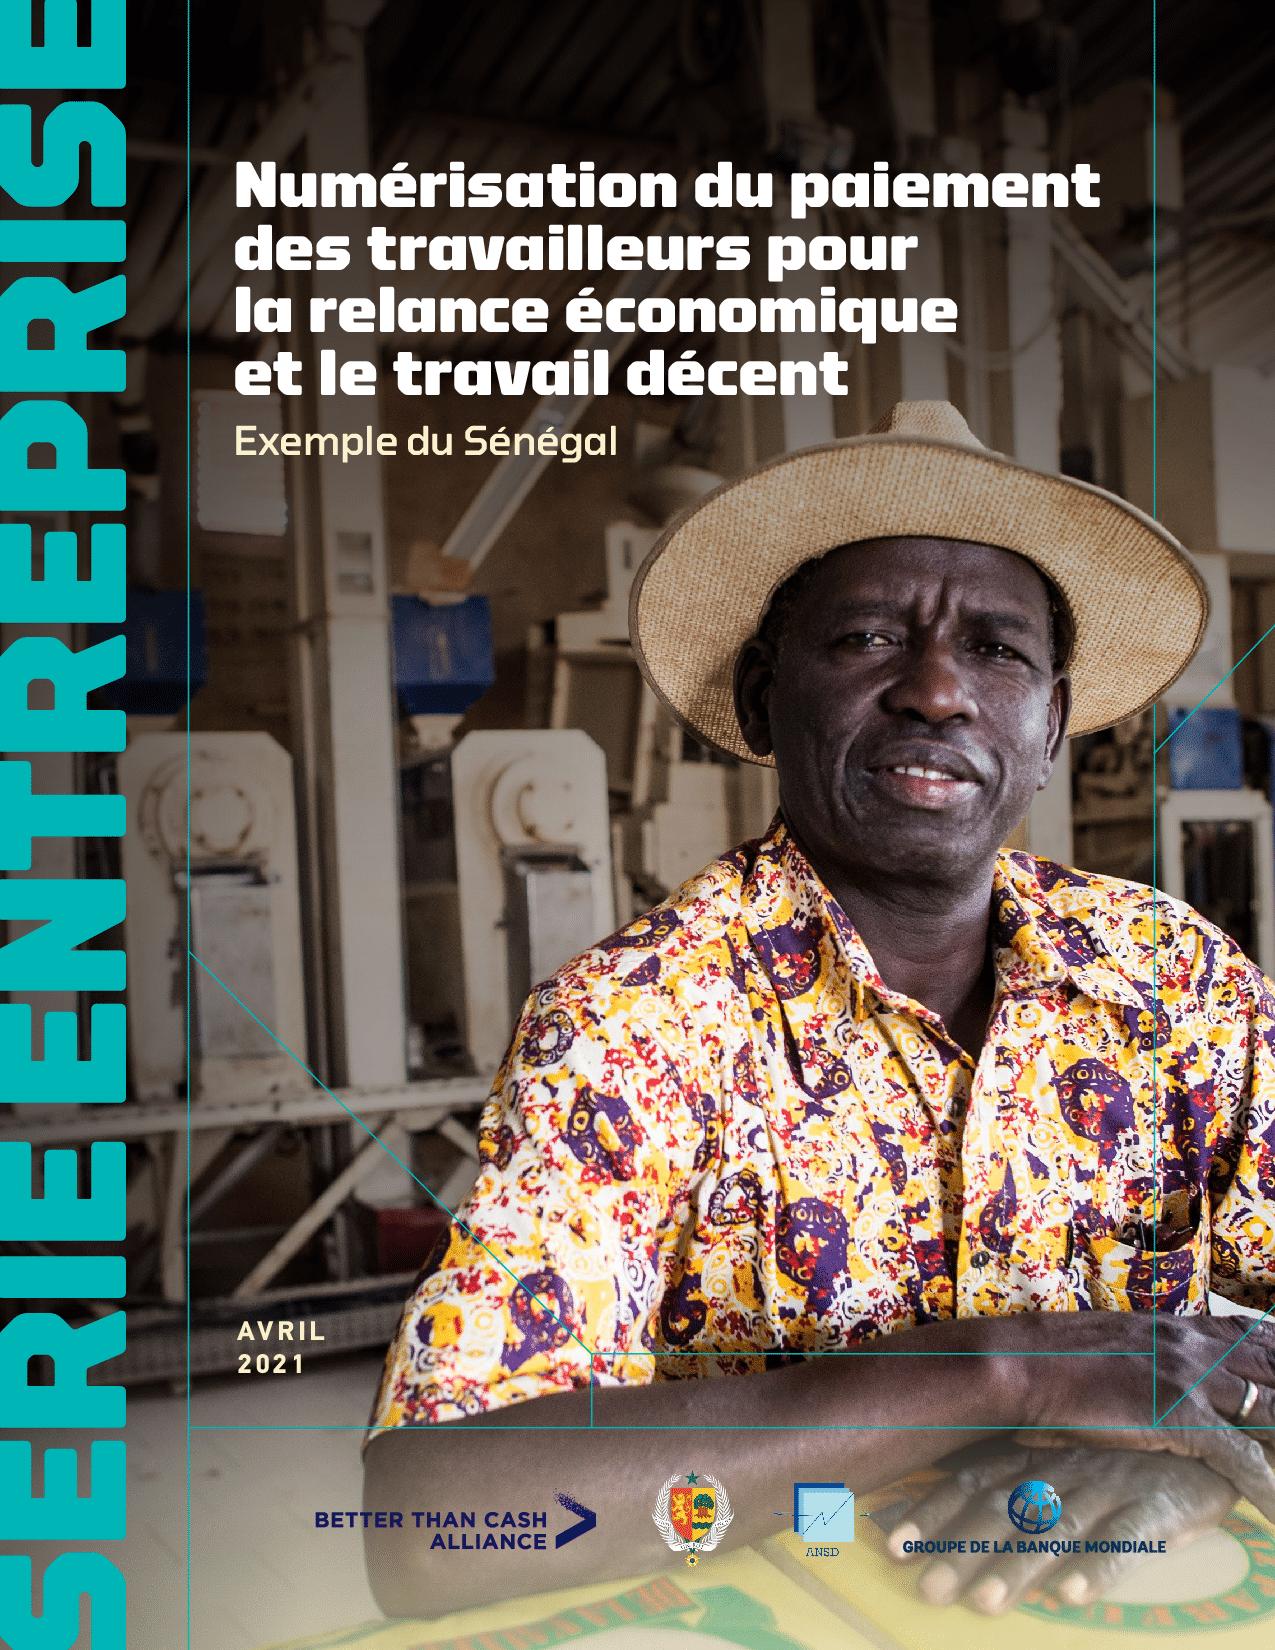 Numérisation du paiement des travailleurs pour la relance économique et le travail décent, Exemple du Sénégal